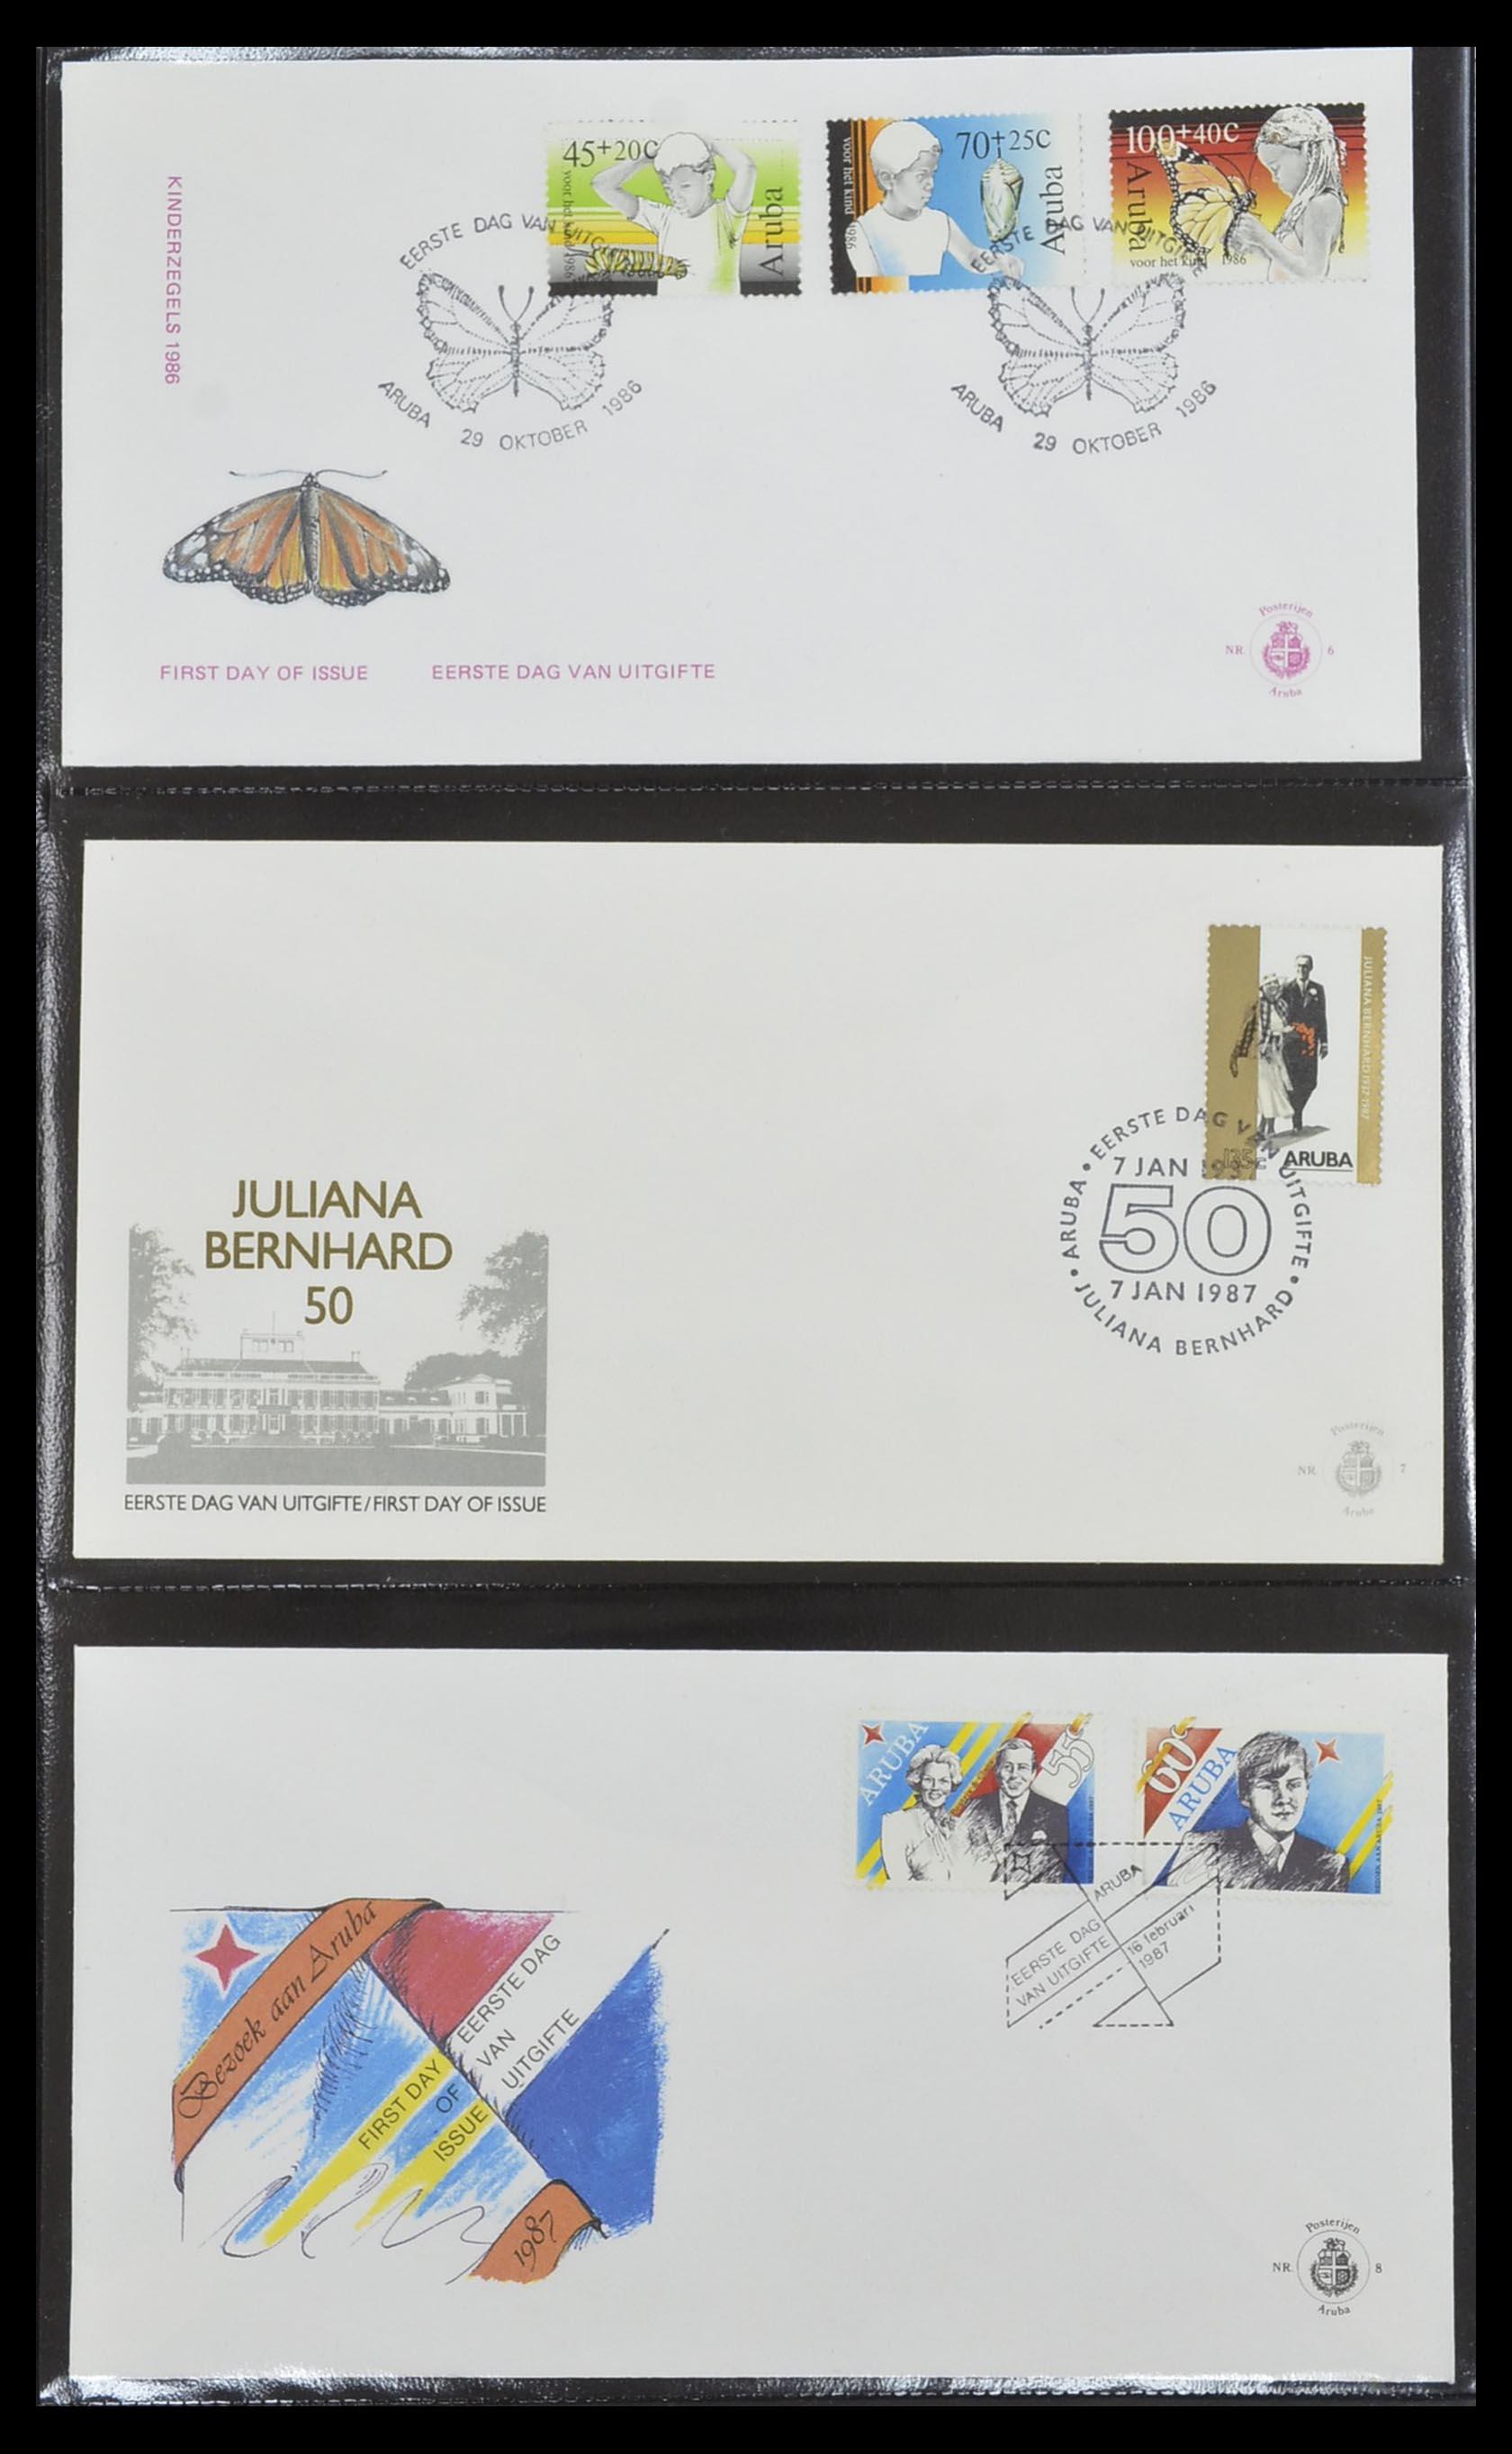 33585 003 - Postzegelverzameling 33585 Aruba FDC's 1986-2006.